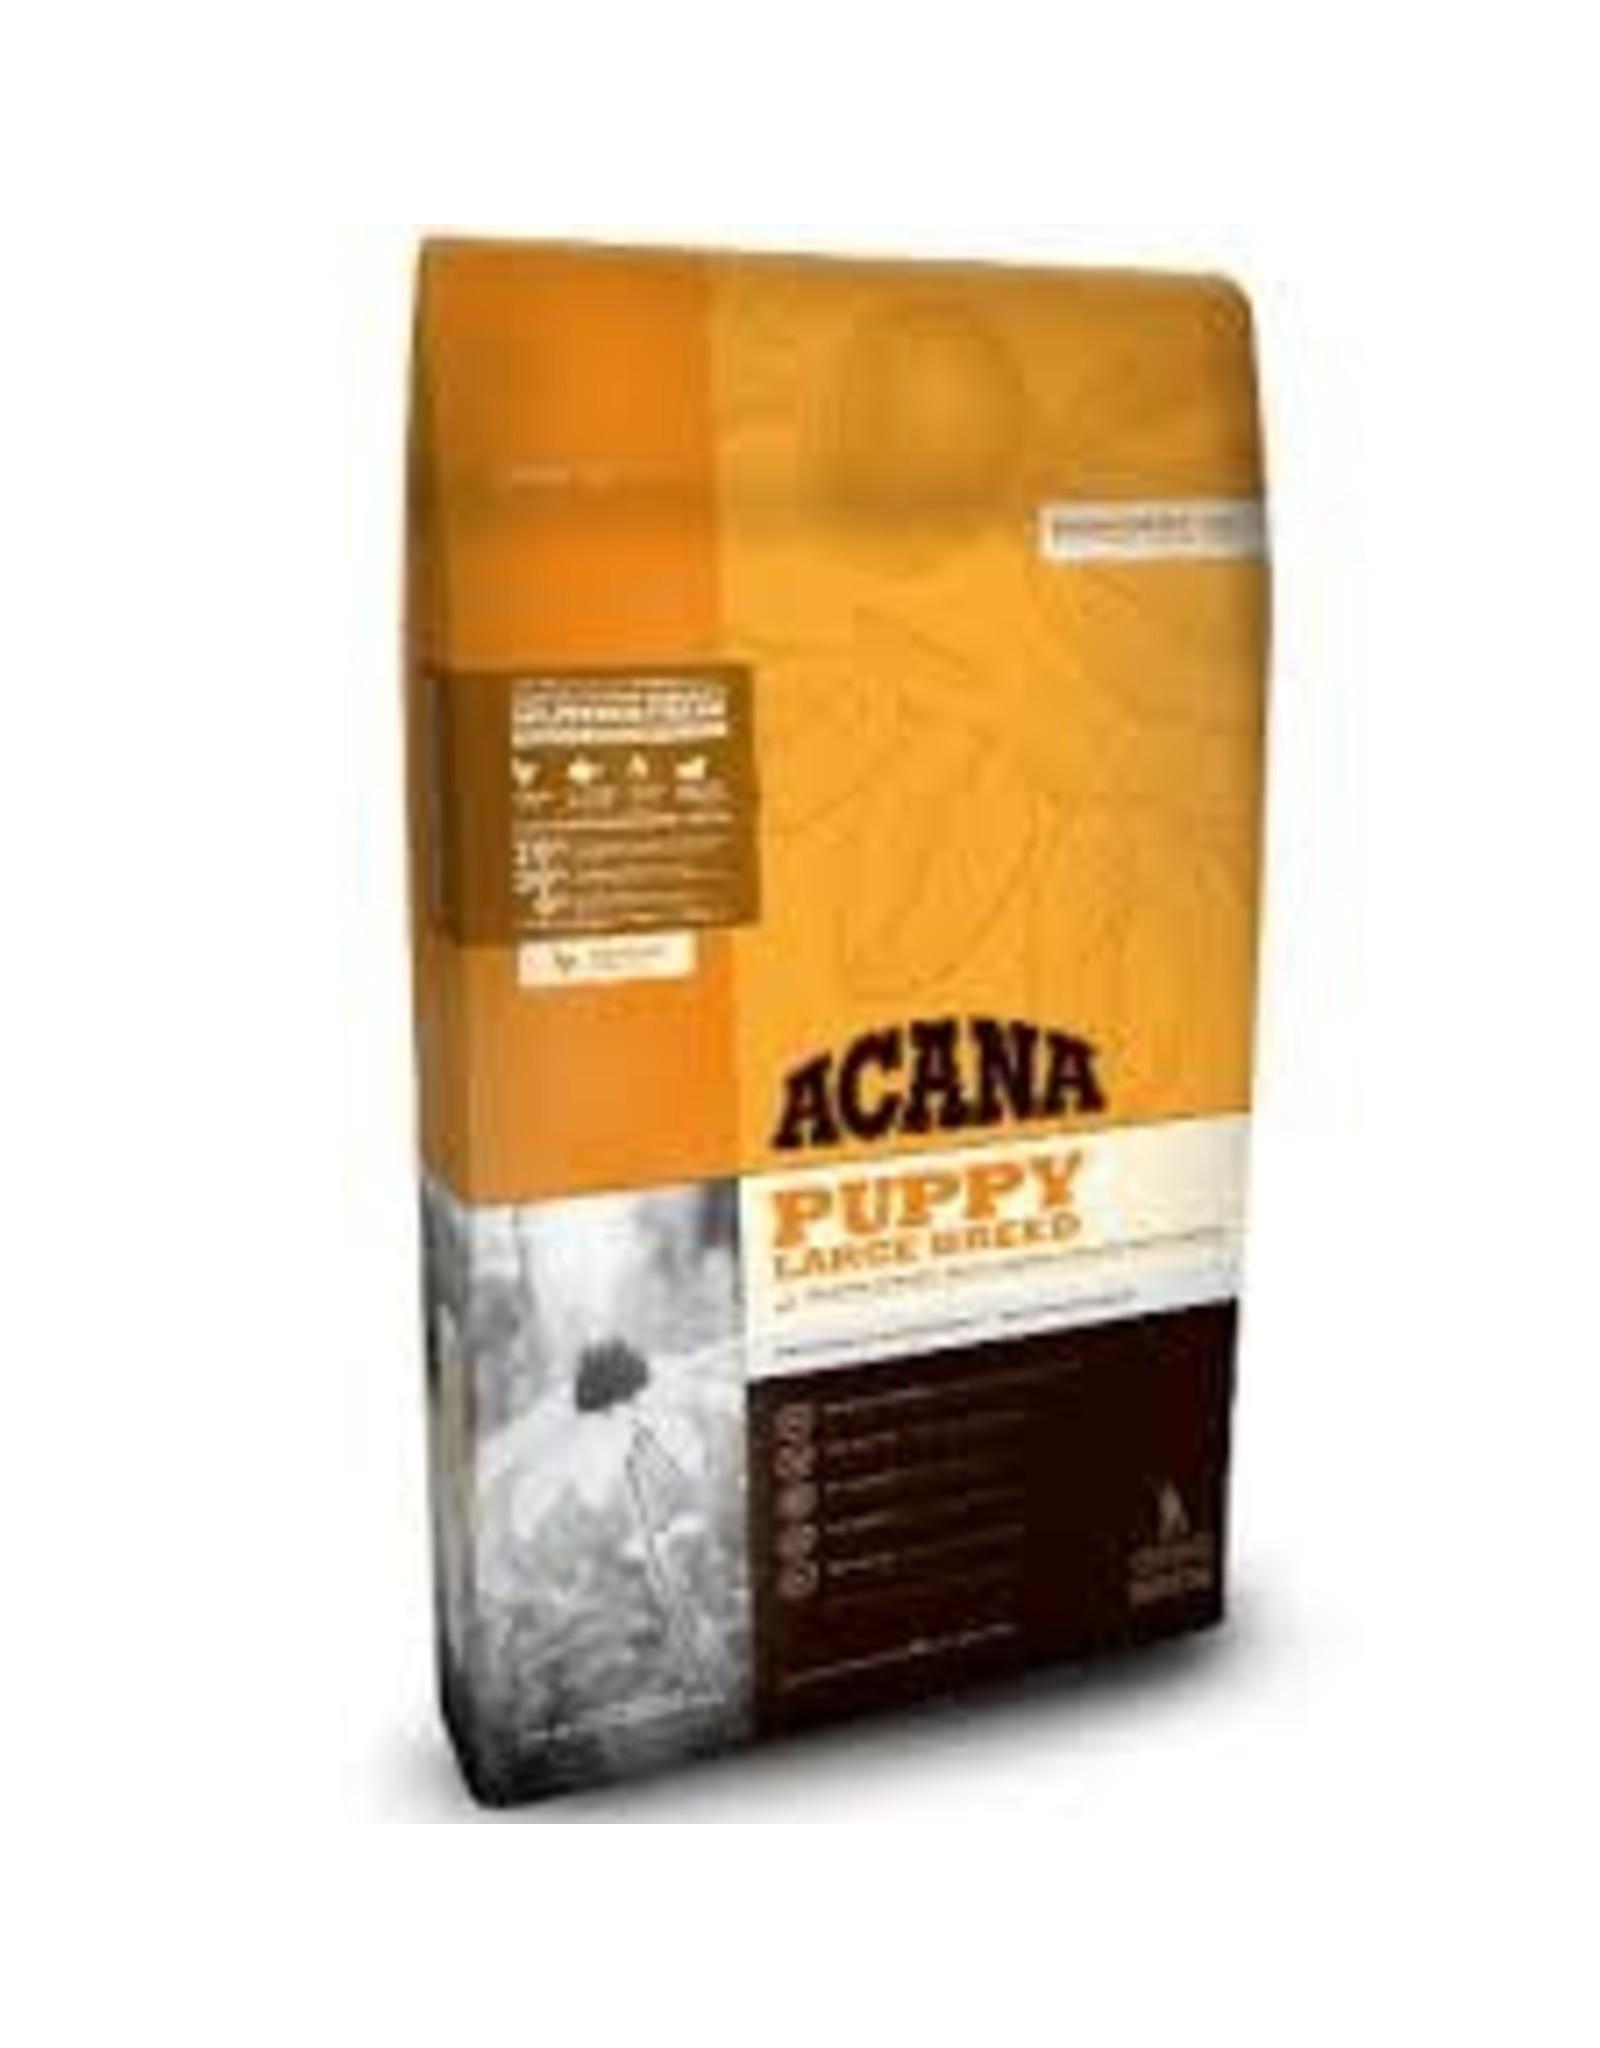 Acana Acana - Puppy Large Breed